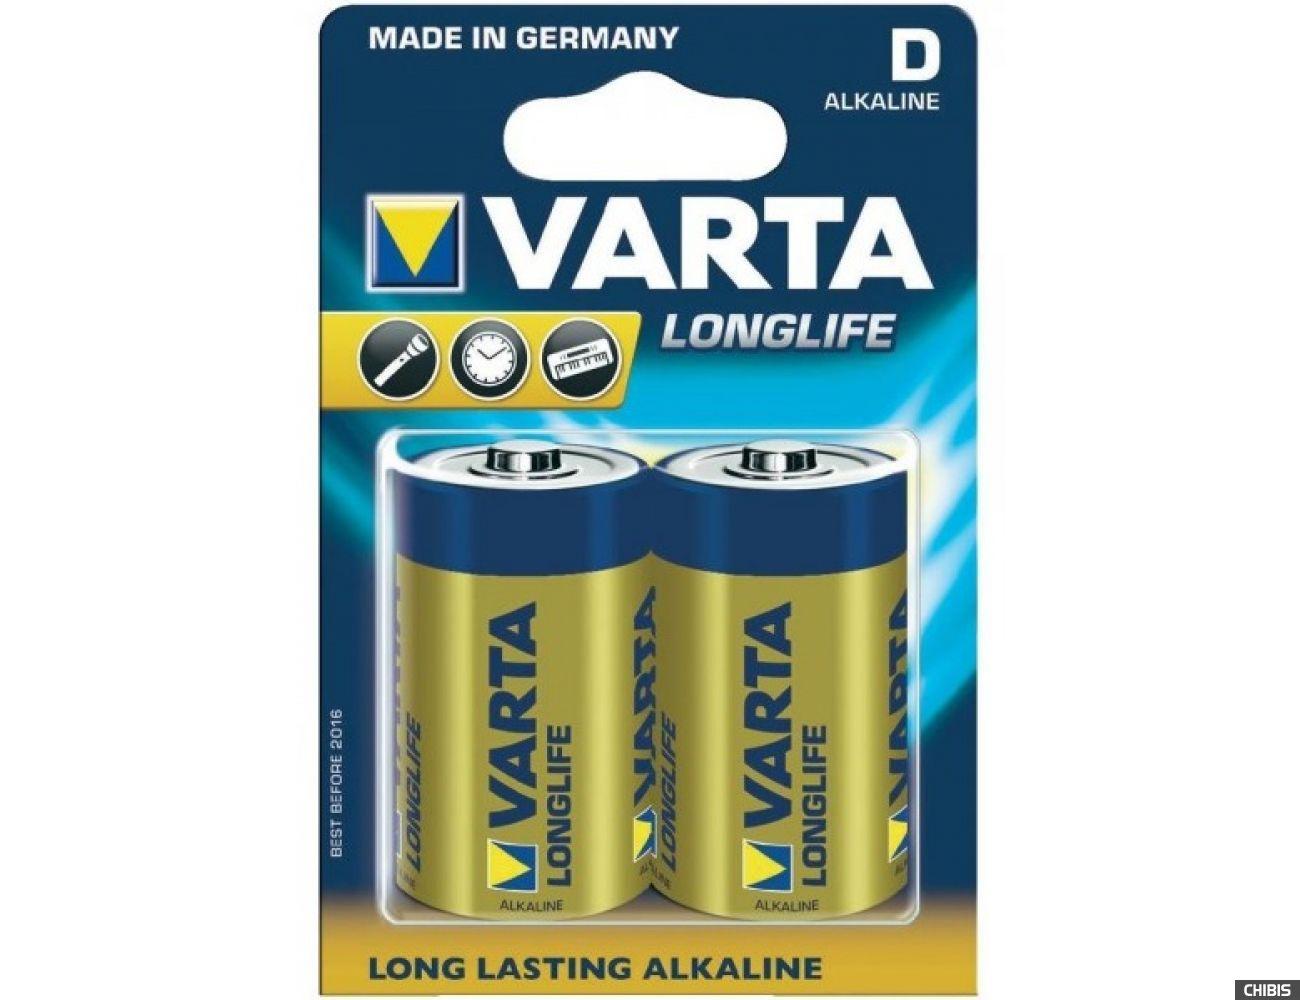 Батарейка Varta D Longlife Extra (LR20, 1.5V, Alkaline Щелочная) 04120101412 1/2 шт